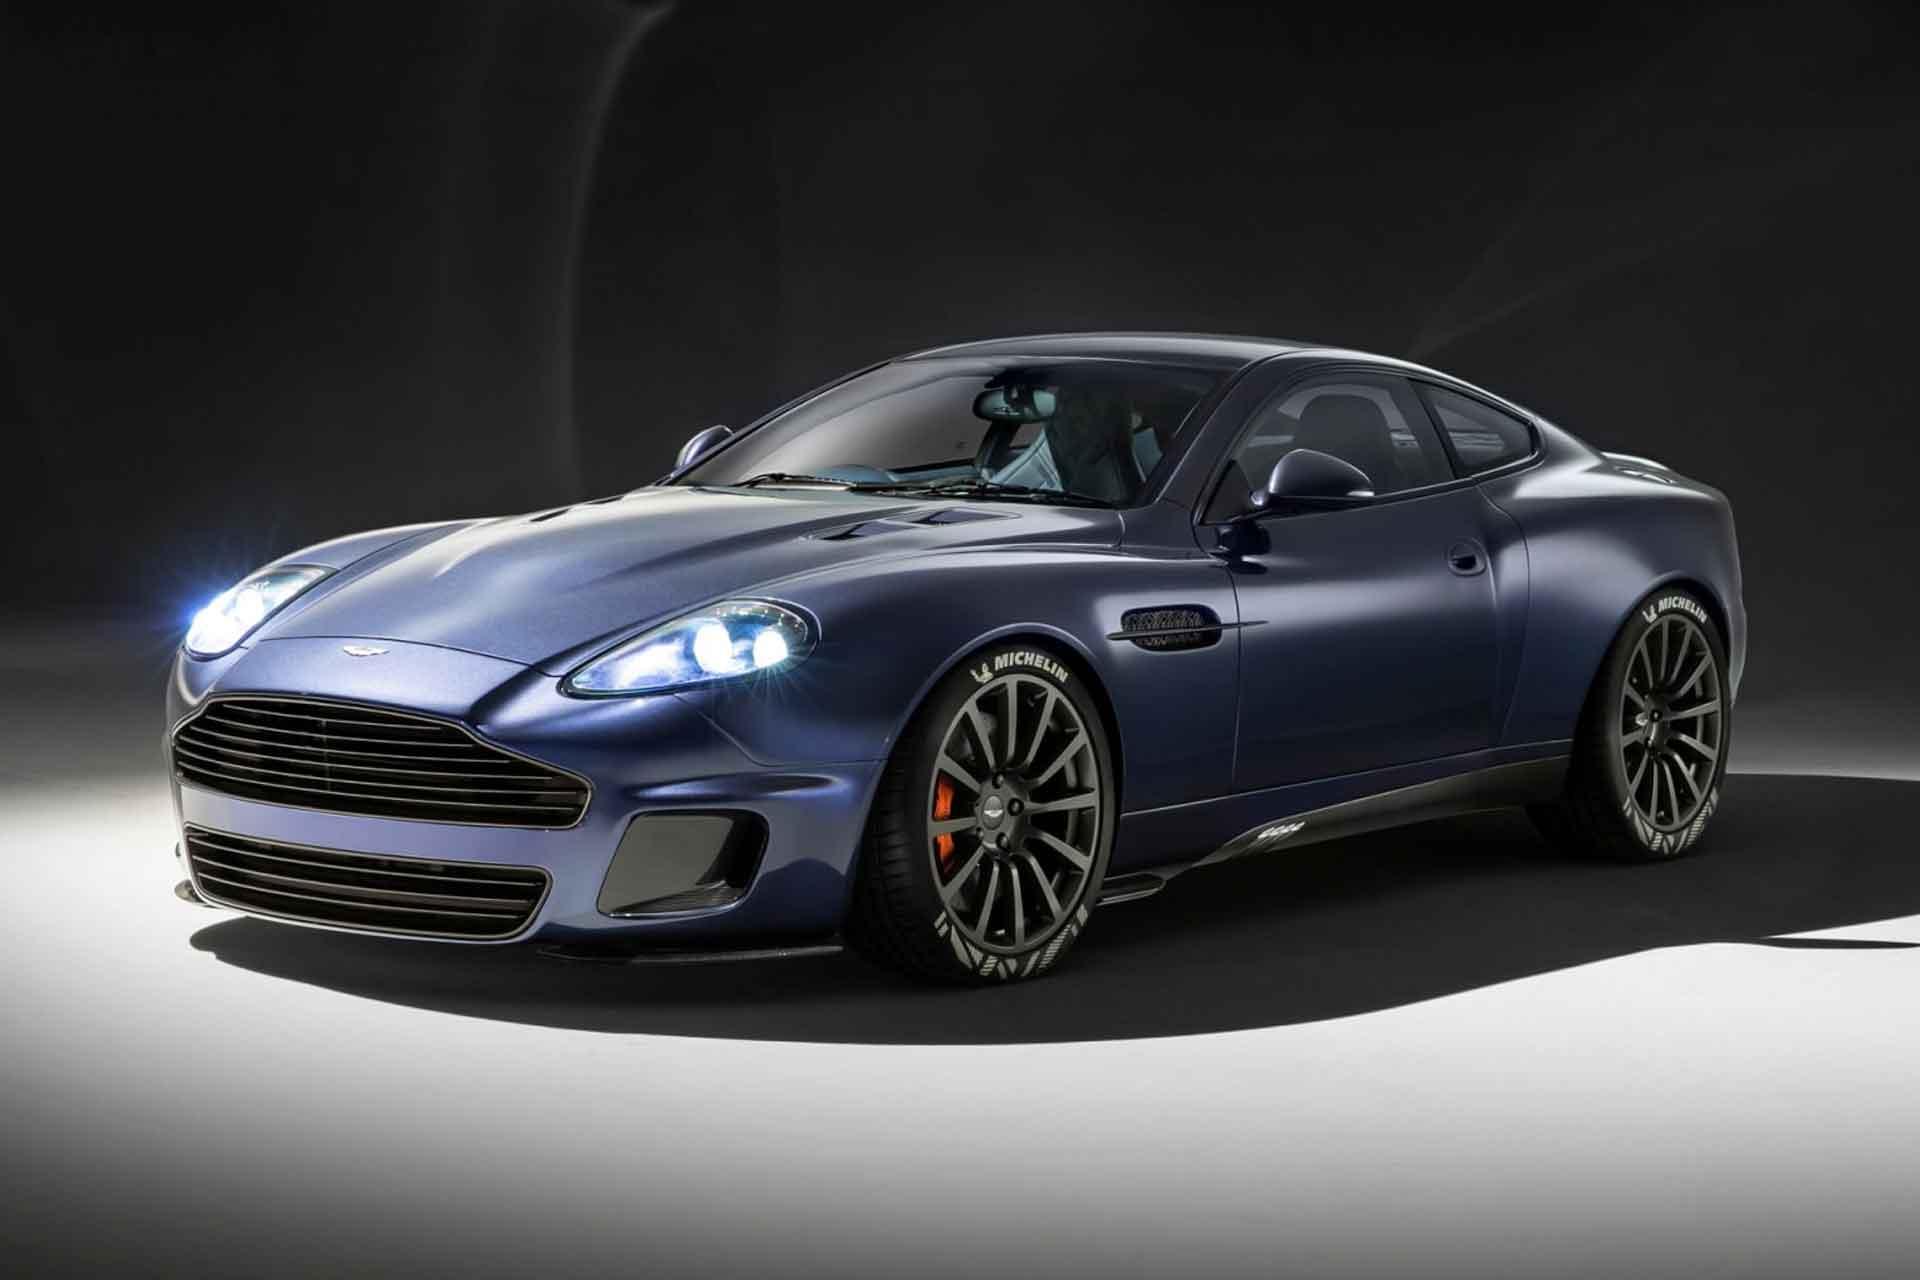 Callum Aston Martin Vanquish 25 Coupe